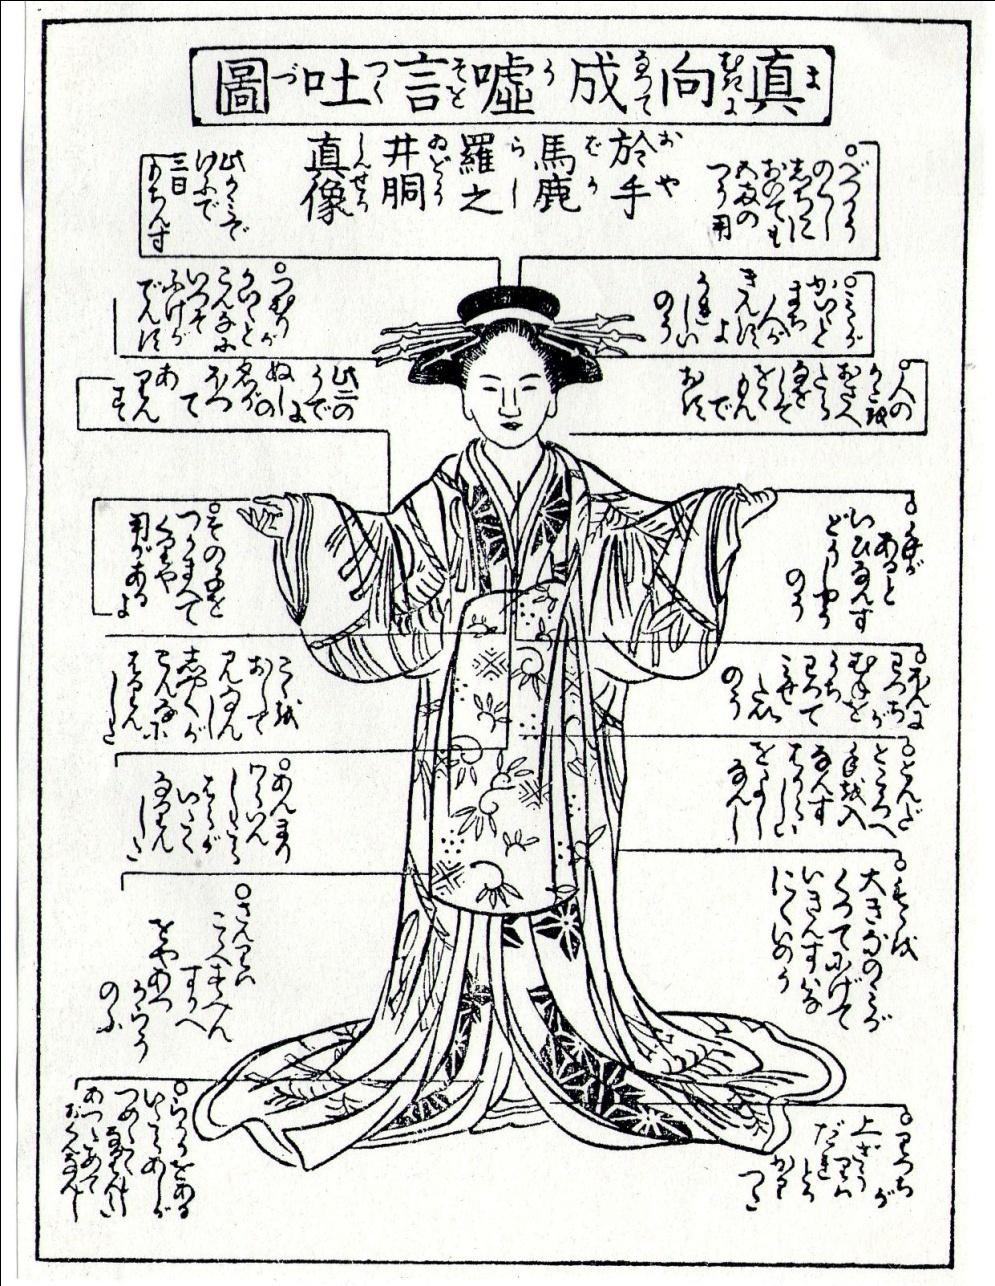 94 遊里通用の「ありんす言葉」でありんす: 日本史人物 迷言・毒舌集成